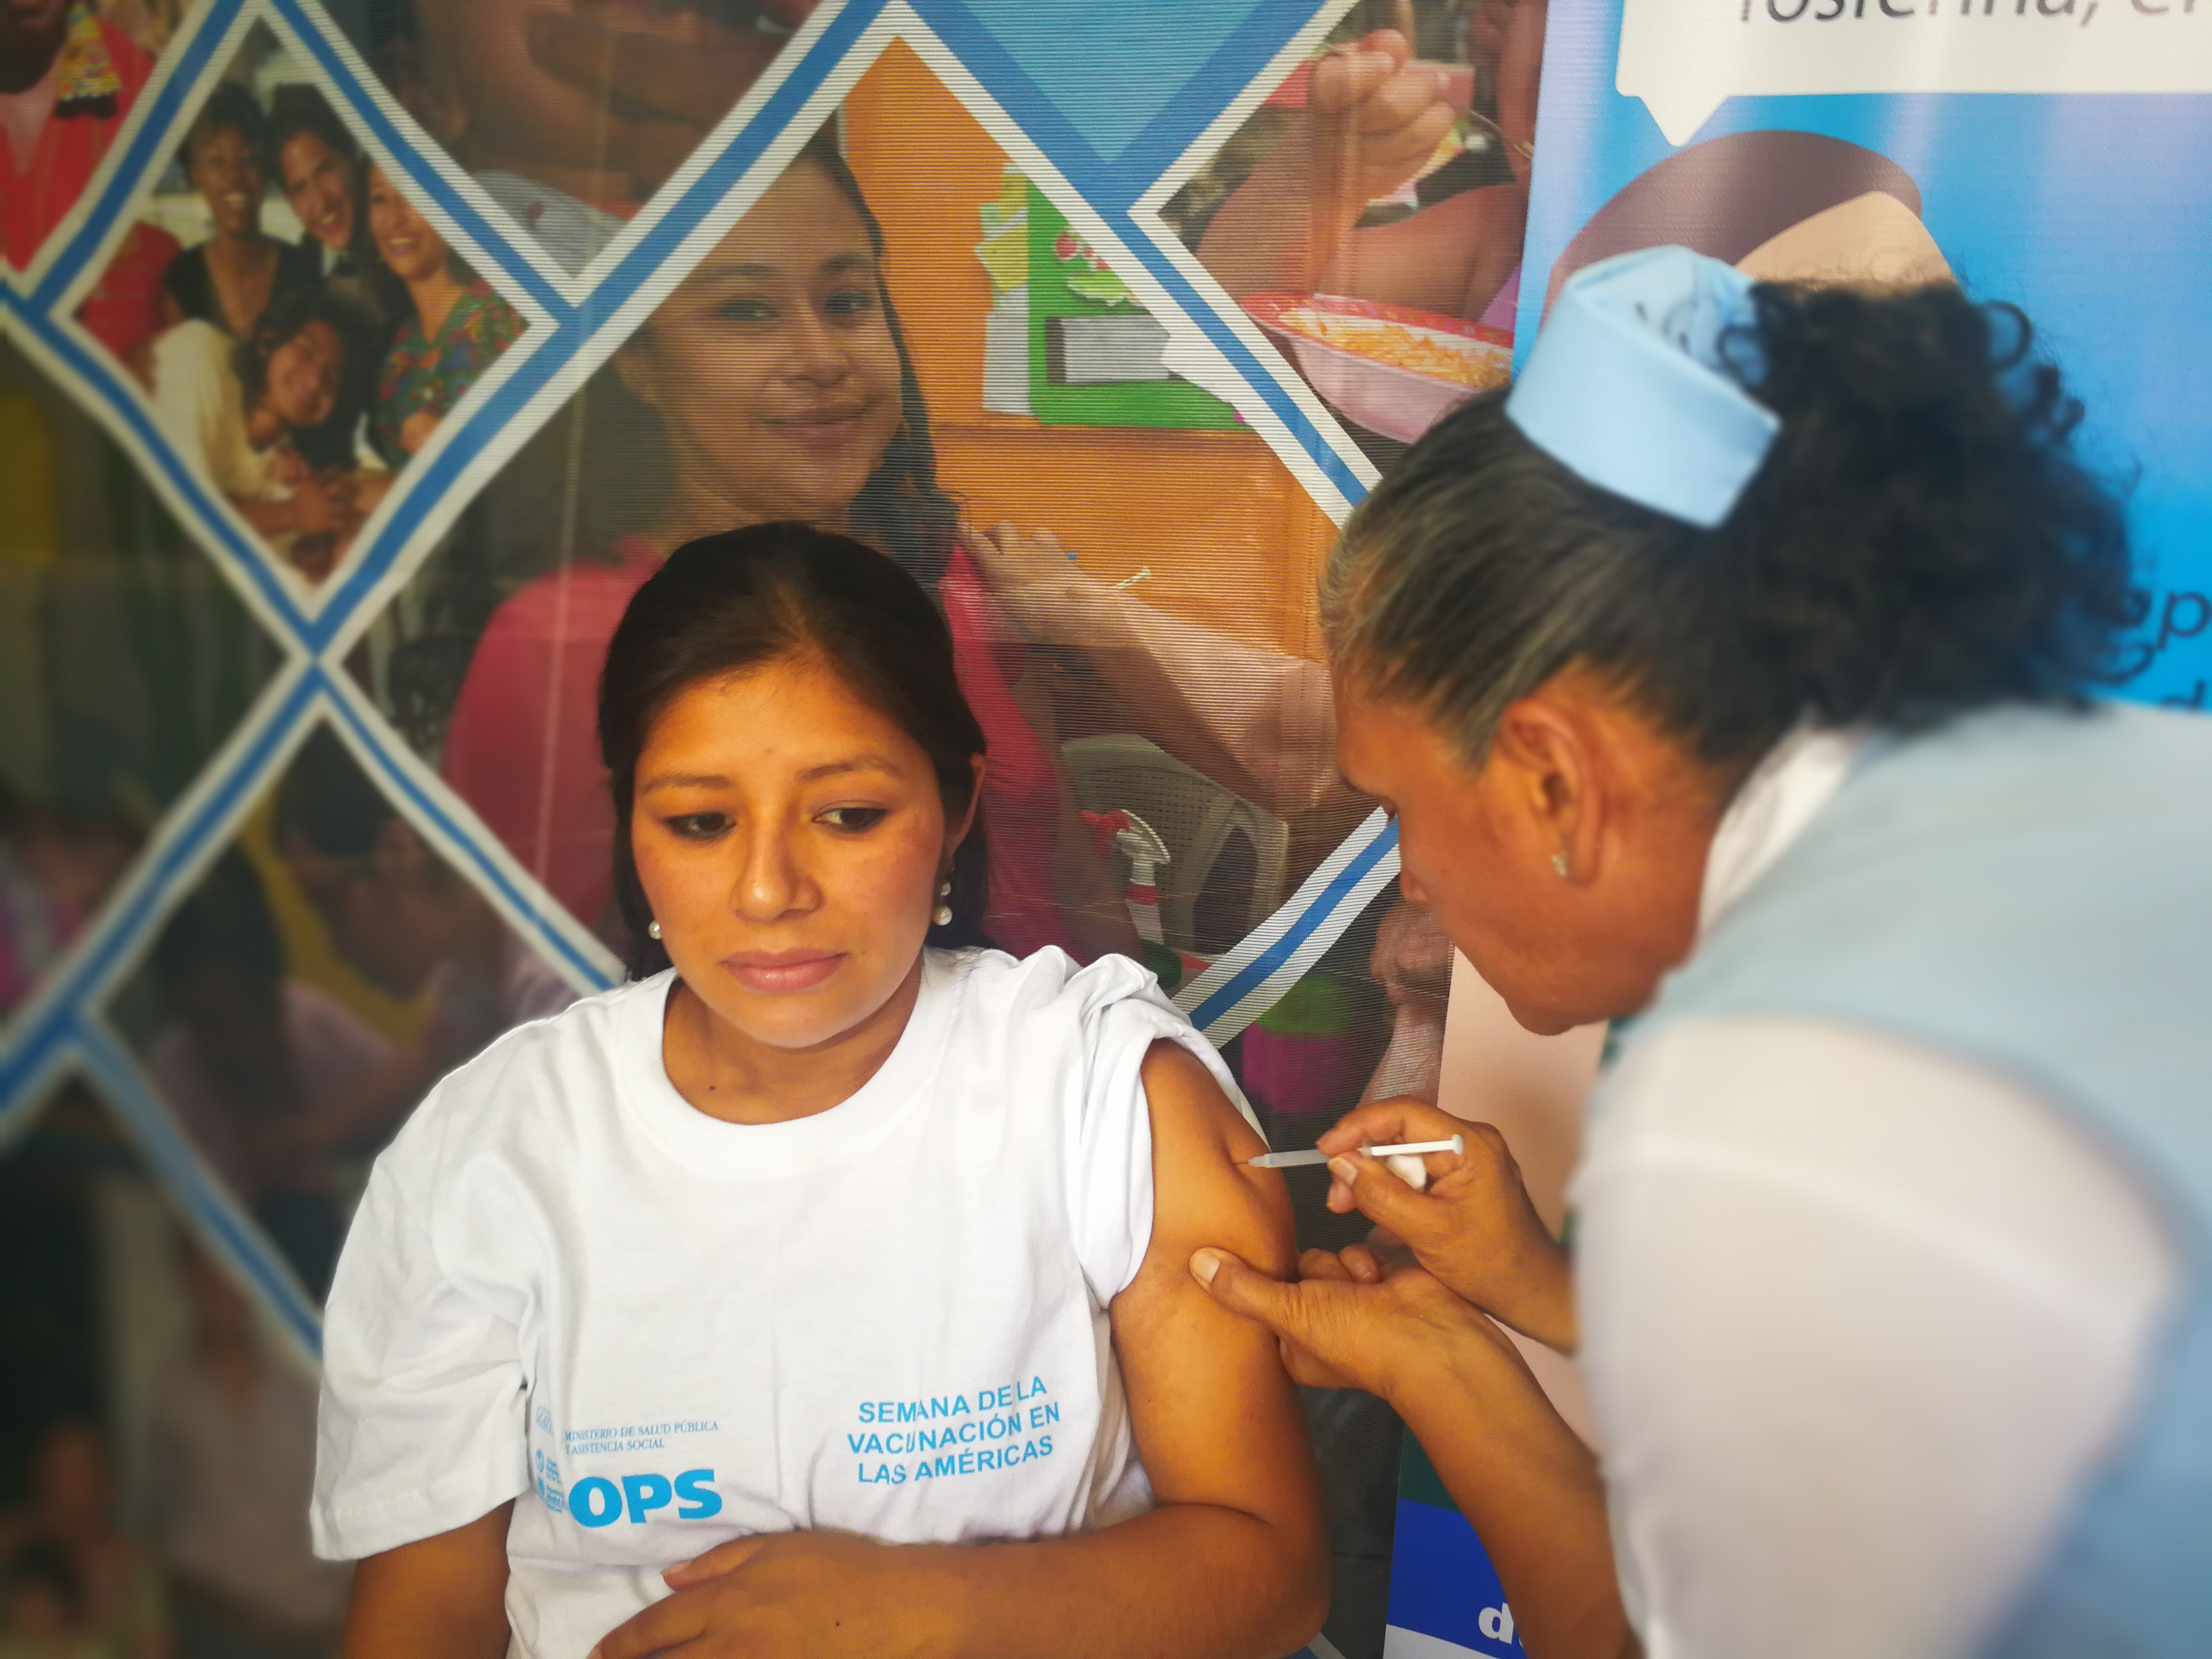 La vacuna Tdap se aplica mujeres embarazadas a partir de los cinco meses de gestación. (Foto Prensa Libre: Ana Lucía Ola)